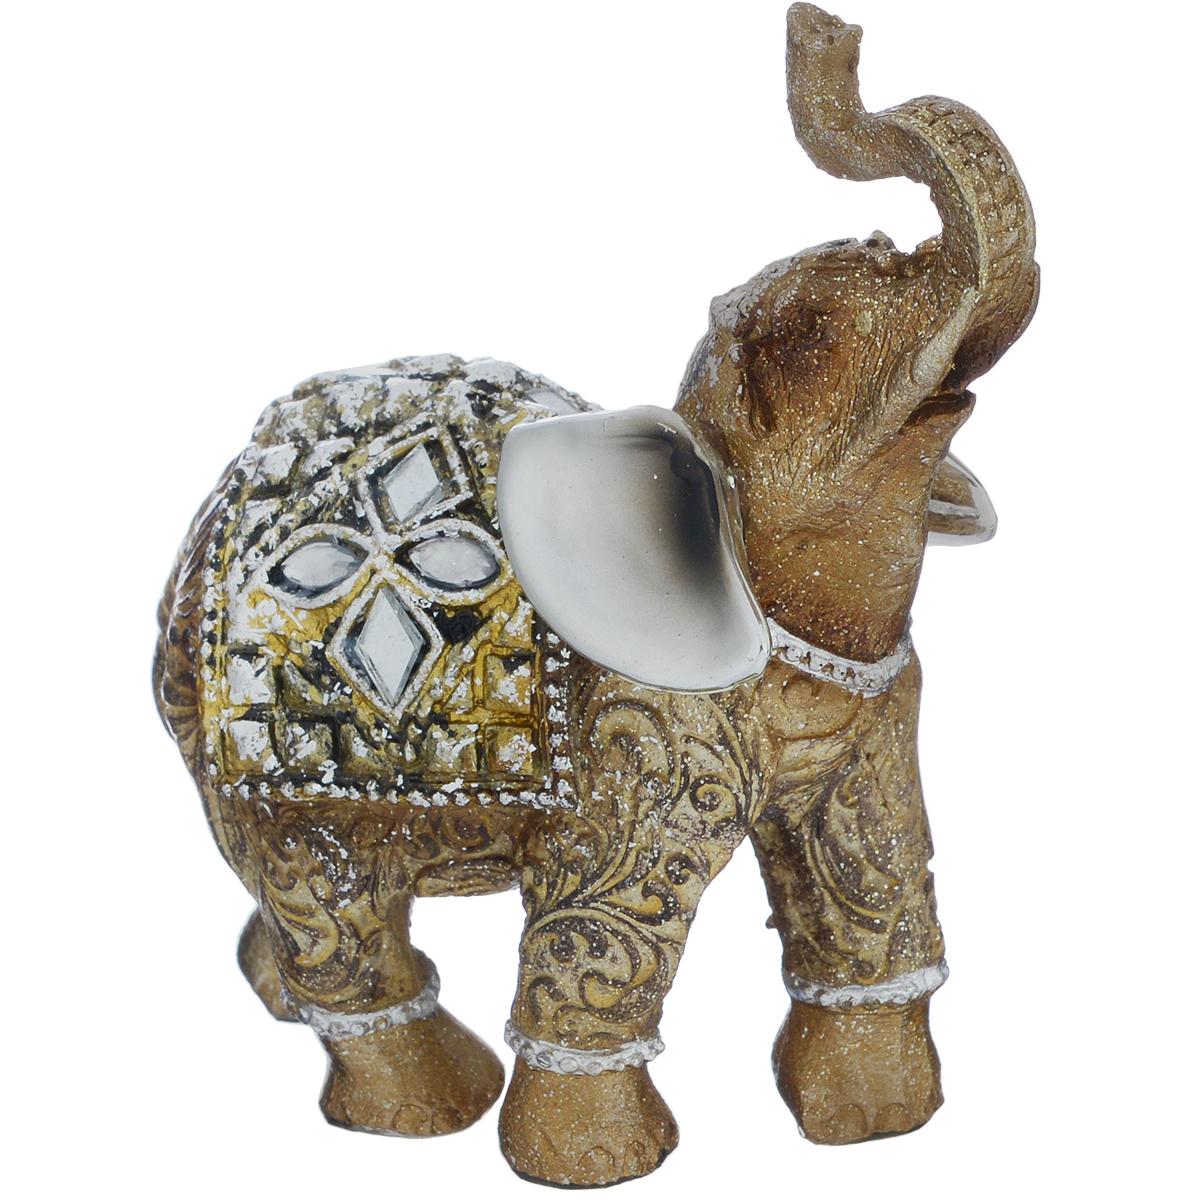 Фигурка декоративная Molento Тайский слон, высота 9,5 см440693Декоративная фигурка Molento Тайский слон, изготовленная из полистоуна, позволит вам украсить интерьер дома, рабочего кабинета или любого другого помещения оригинальным образом. Изделие, выполненное в виде слона, украшено рельефным рисунком, блестками и стразами.Вы можете поставить фигурку в любом месте, где она будет удачно смотреться, и радовать глаз. Кроме того, фигурка Тайский слон станет чудесным сувениром для ваших друзей и близких. Размер фигурки: 8,5 см х 4 см х 9,5 см.